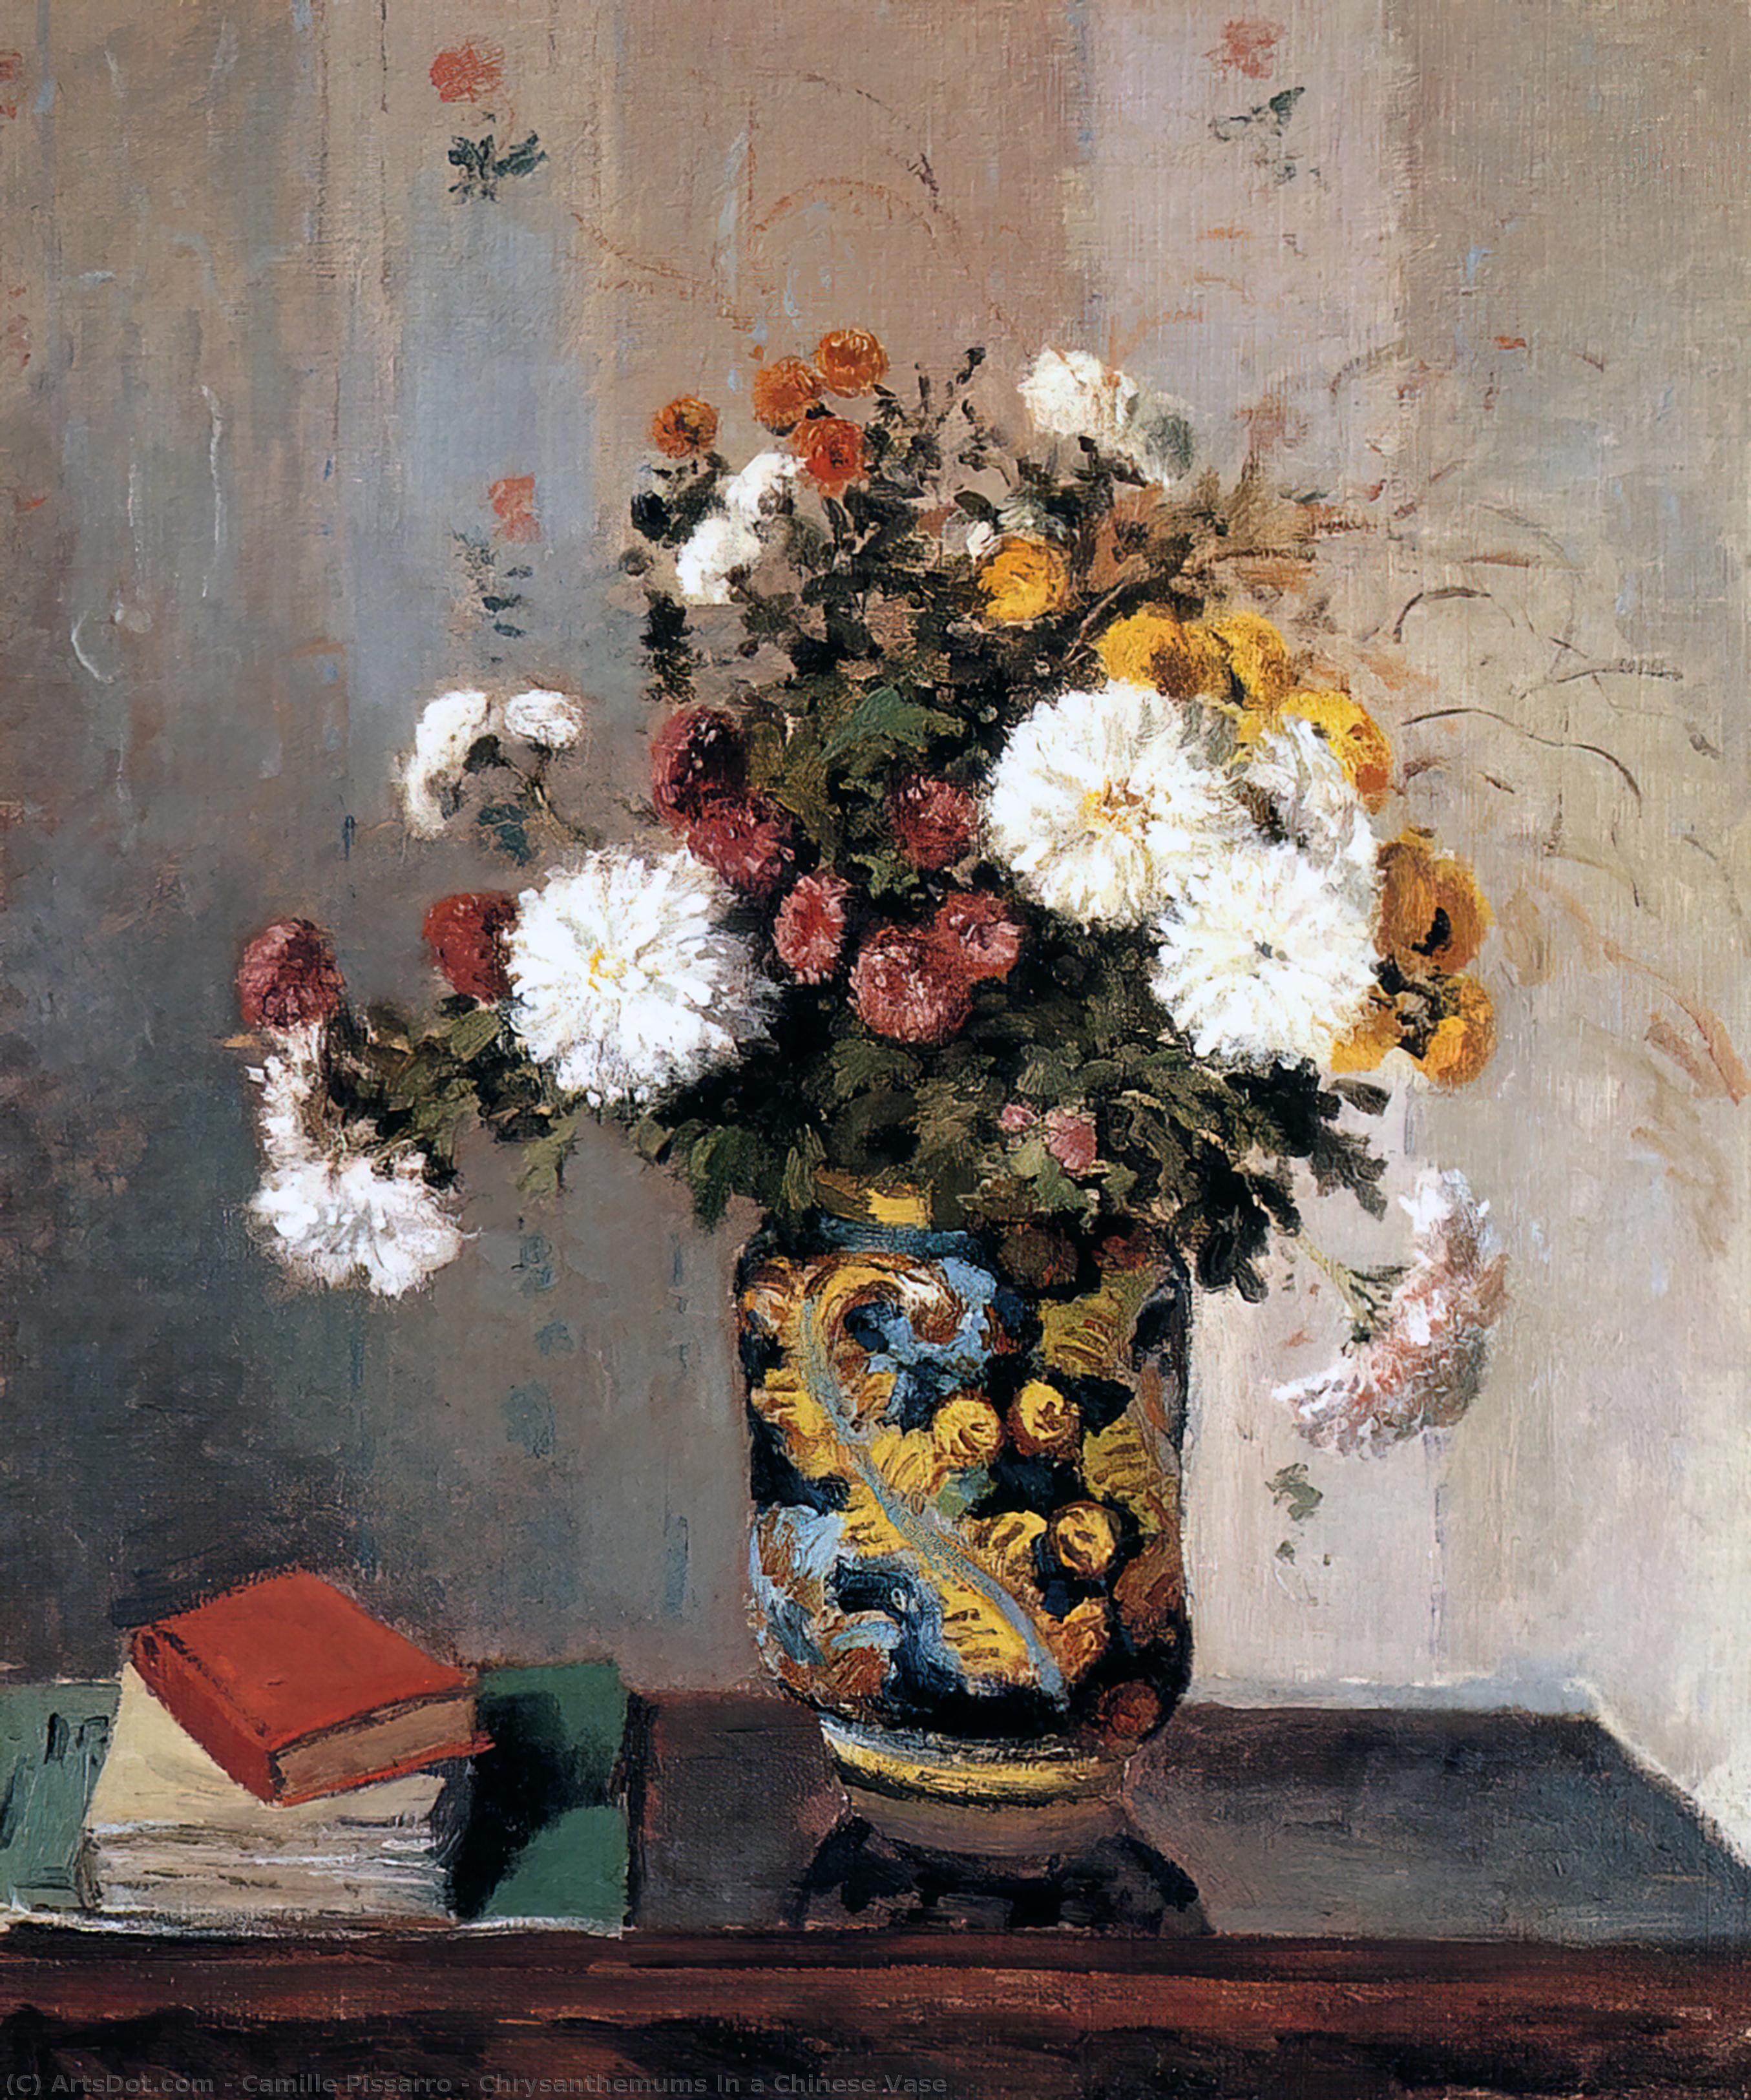 Wikioo.org - Die Enzyklopädie bildender Kunst - Malerei, Kunstwerk von Camille Pissarro - chrysanthemen in ein chinesisch vase